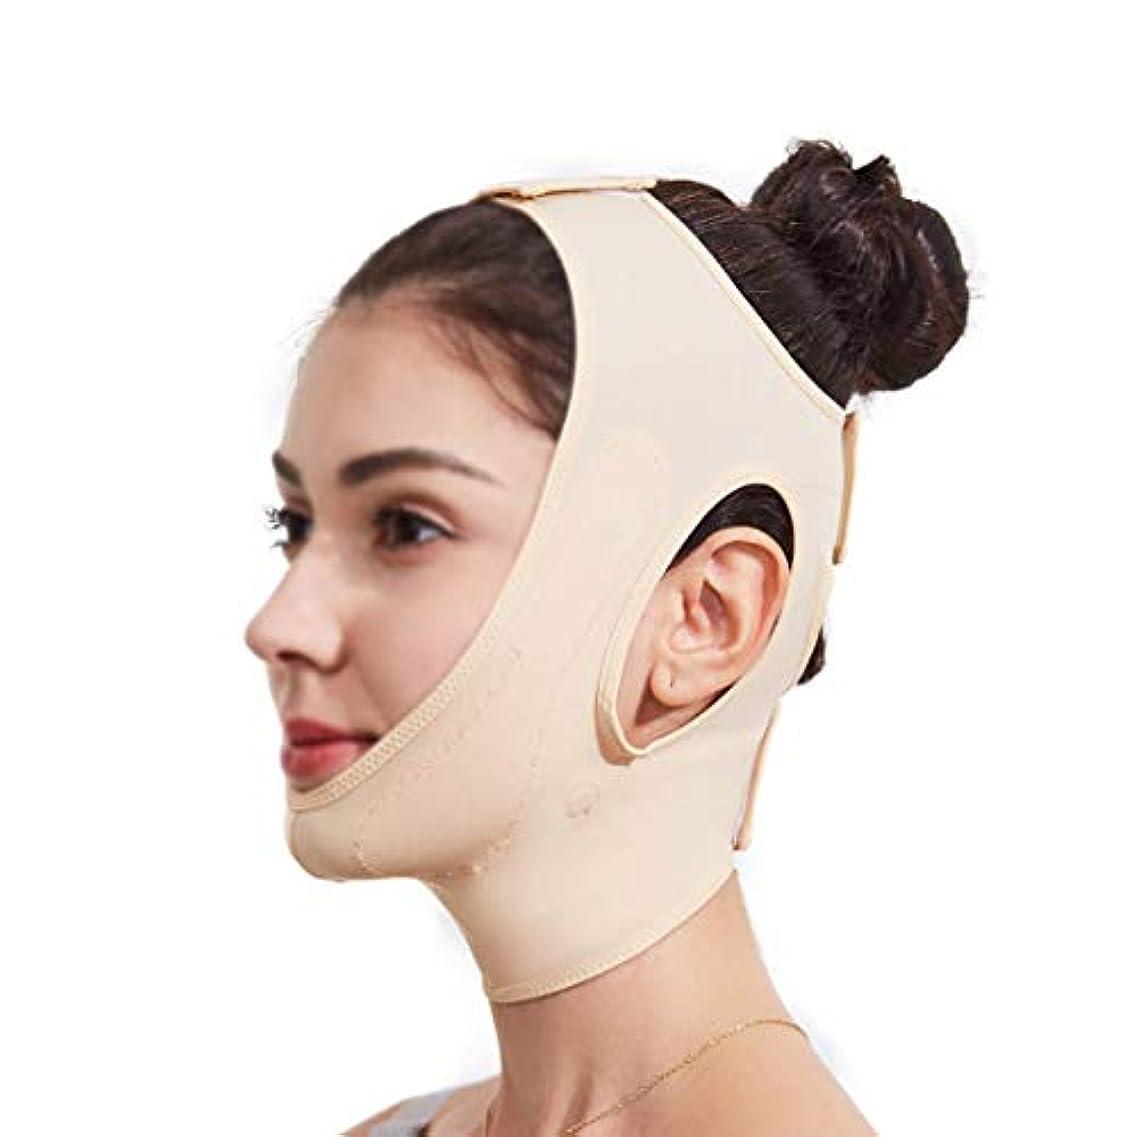 包帯ピアノを弾くエントリフェイスリフティングマスク、360°オールラウンドリフティングフェイシャルコンター、あごを閉じて肌を引き締め、快適でフェイスライトをサポートし、通気性を保ちます(サイズ:ブラック),肌の色